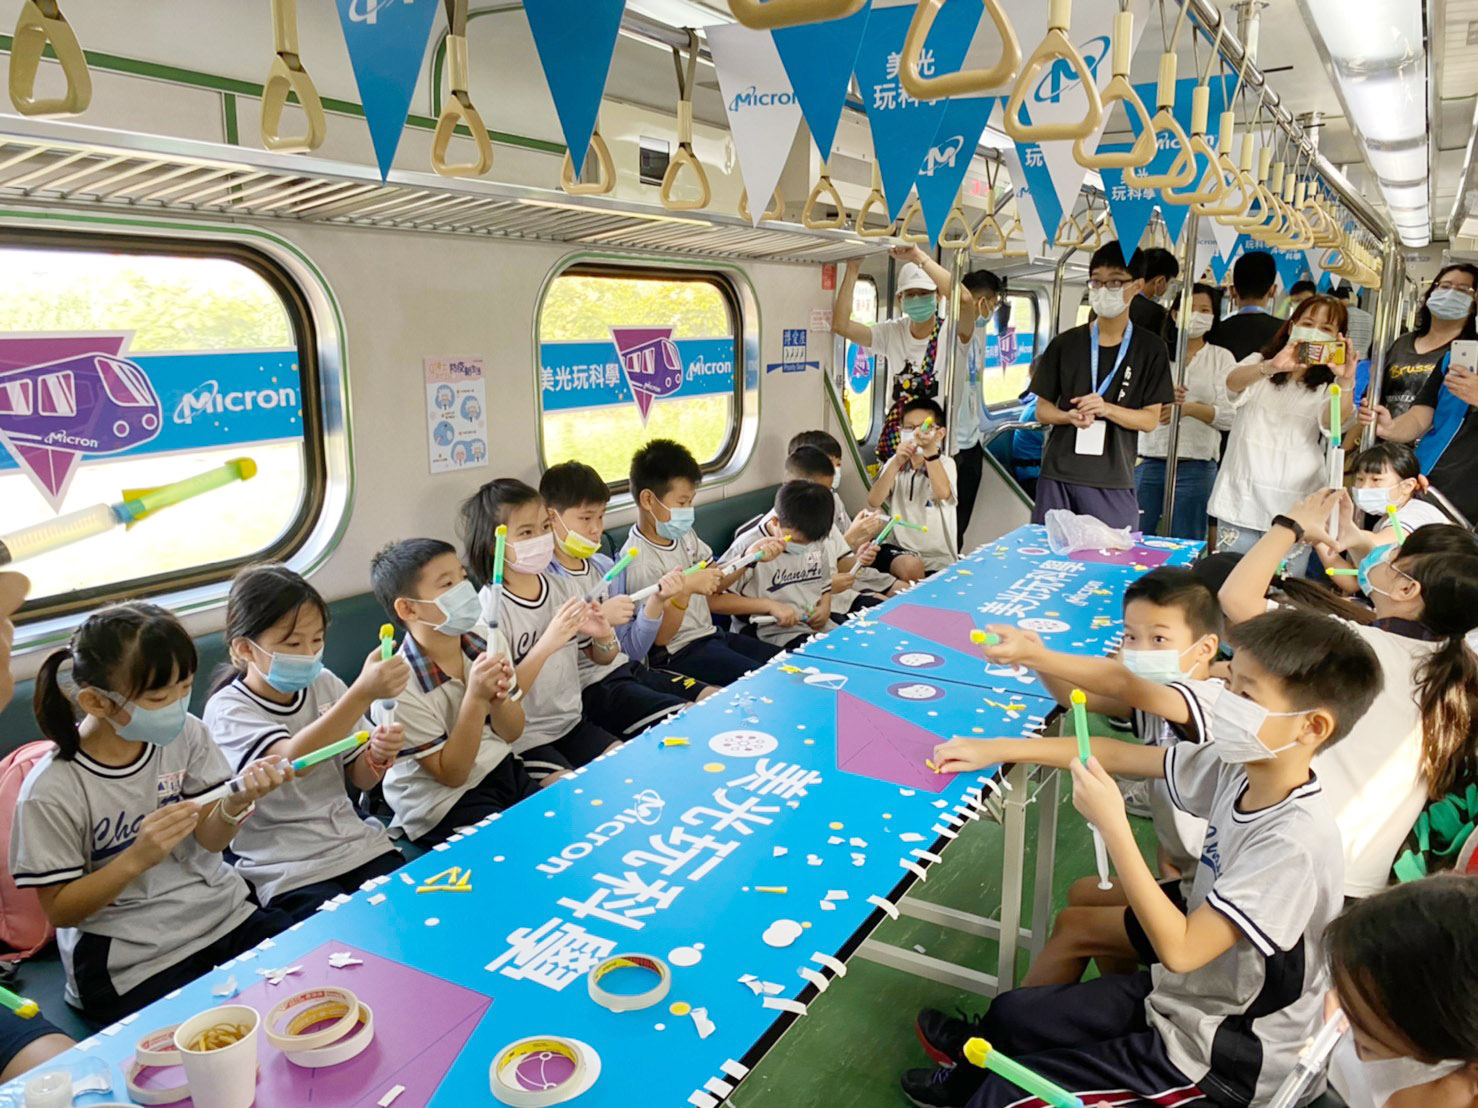 臺灣科普環島列車27日到臺中  大葉大學帶小朋友闖關玩科學-大葉大學